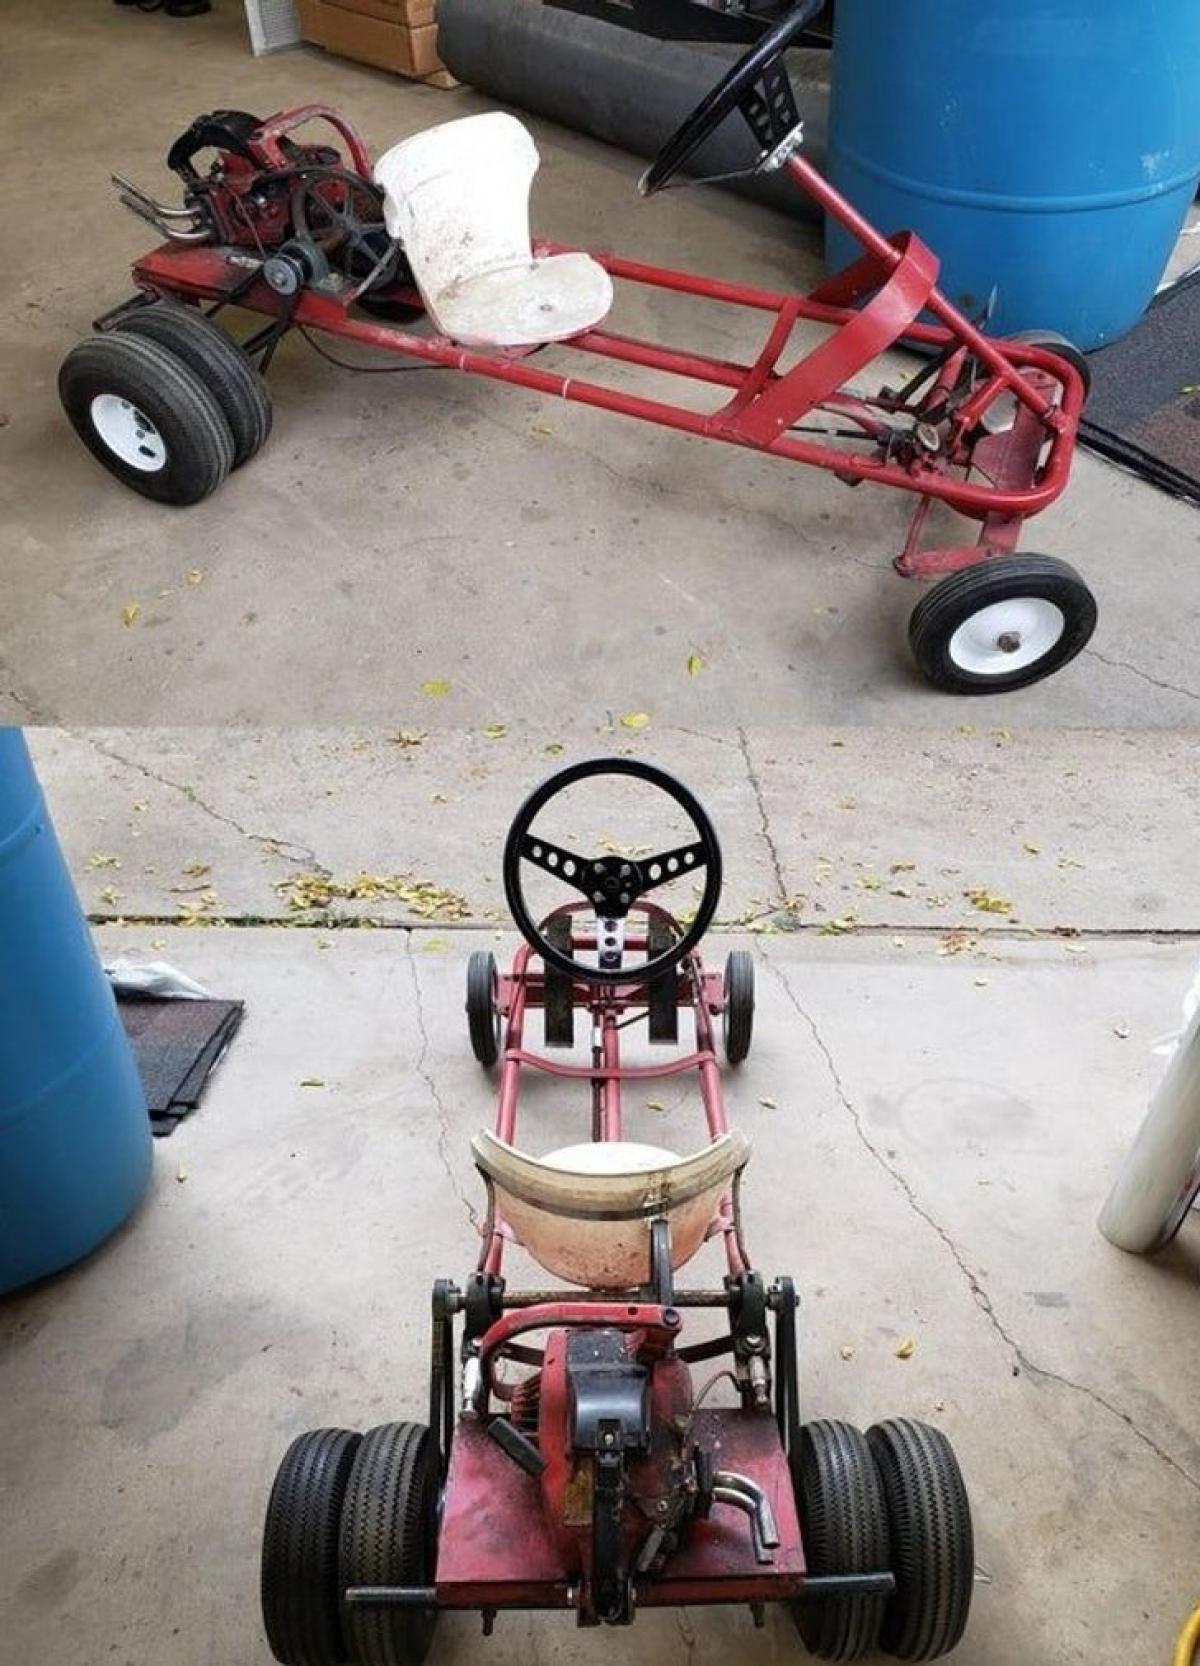 Xe cút kít ba chế tạo cho tôi hồi tôi 6 tuổi.